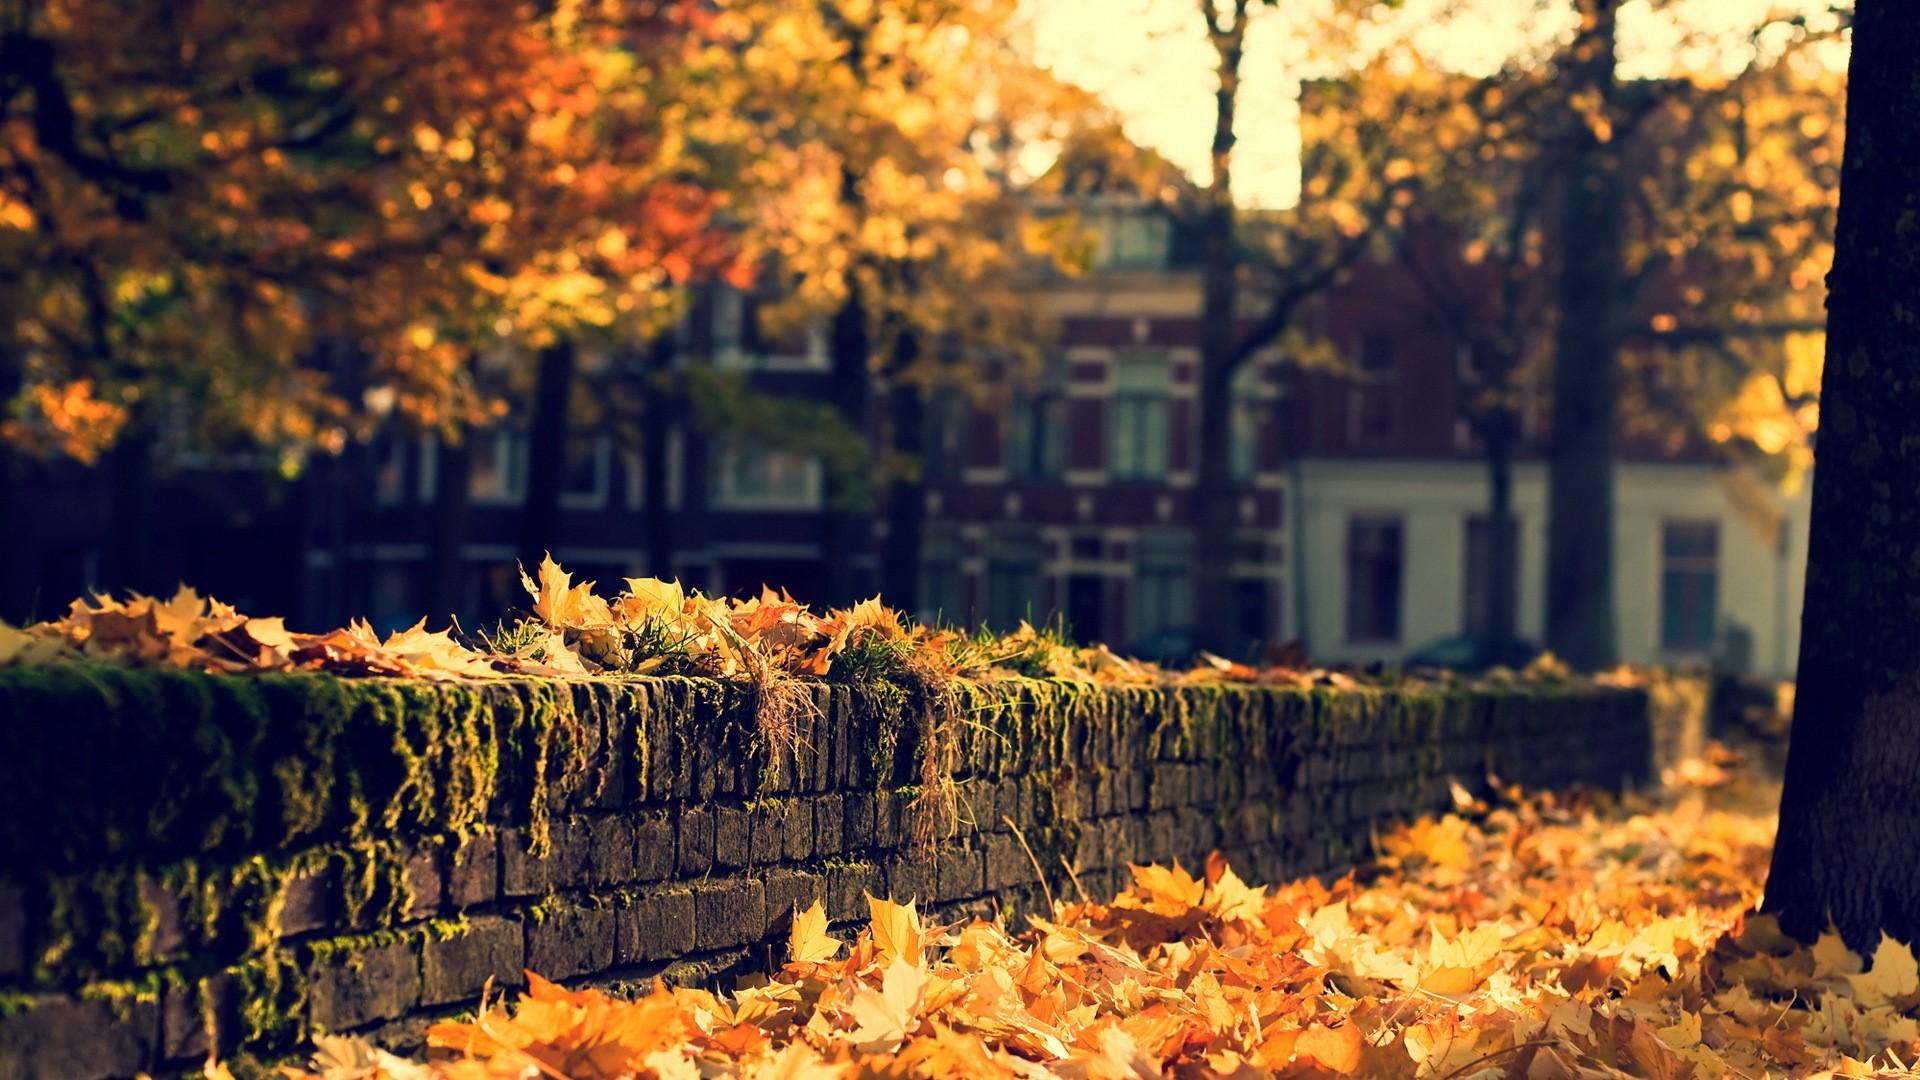 Falling Leaves Live Wallpaper Free Download Fall Desktop Wallpapers Hd Pixelstalk Net